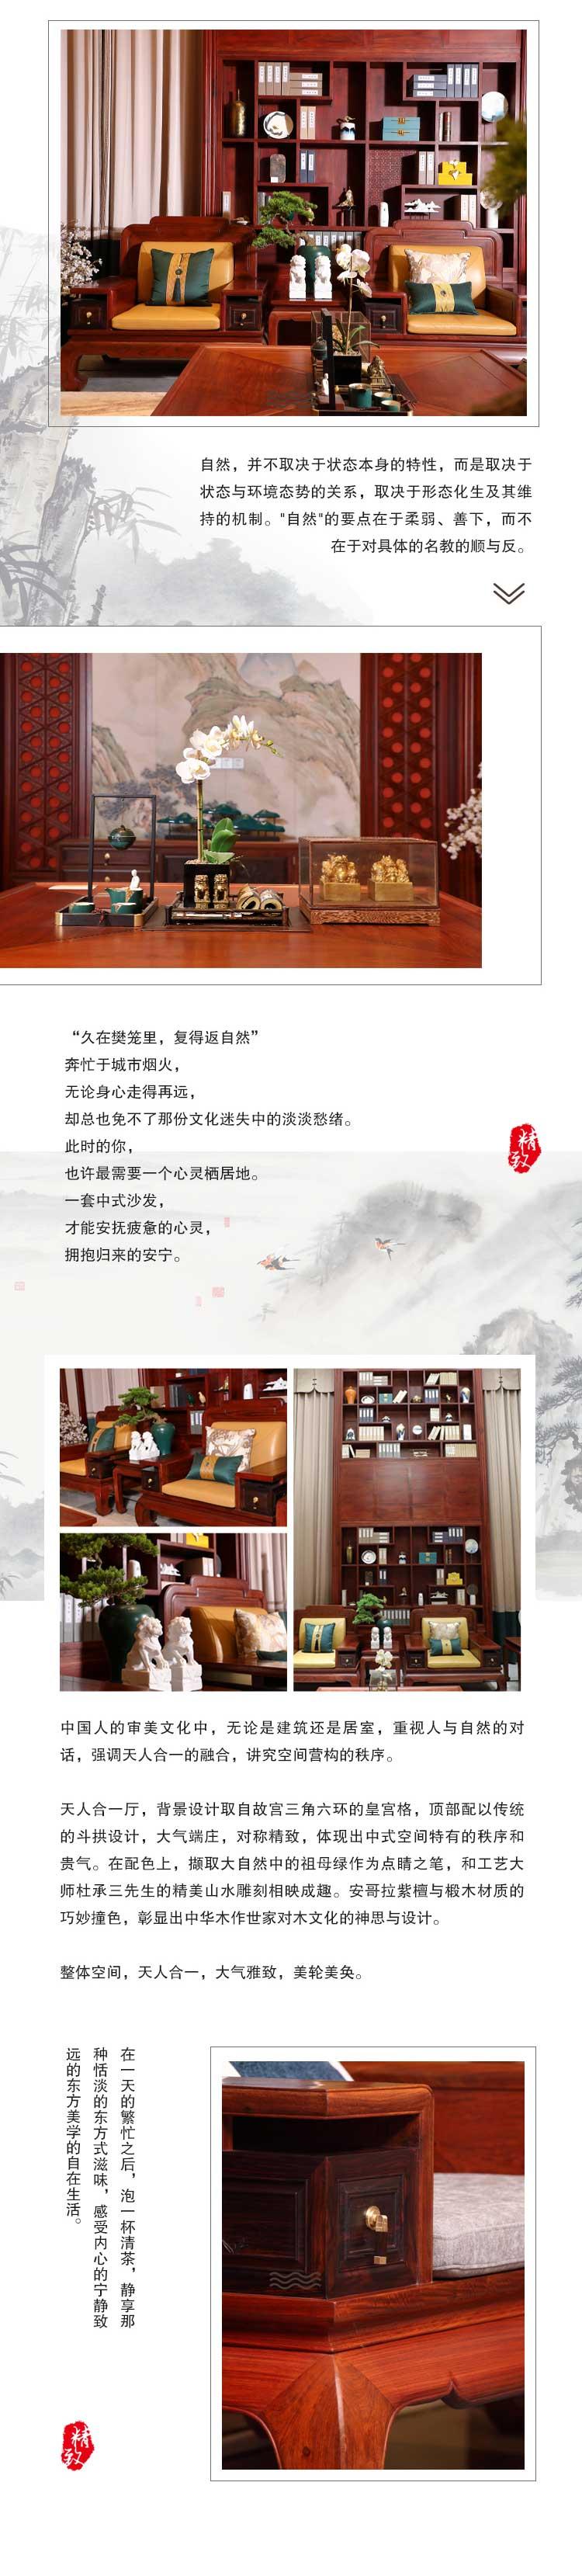 卓木王腾讯产品介绍自然厅-2.jpg